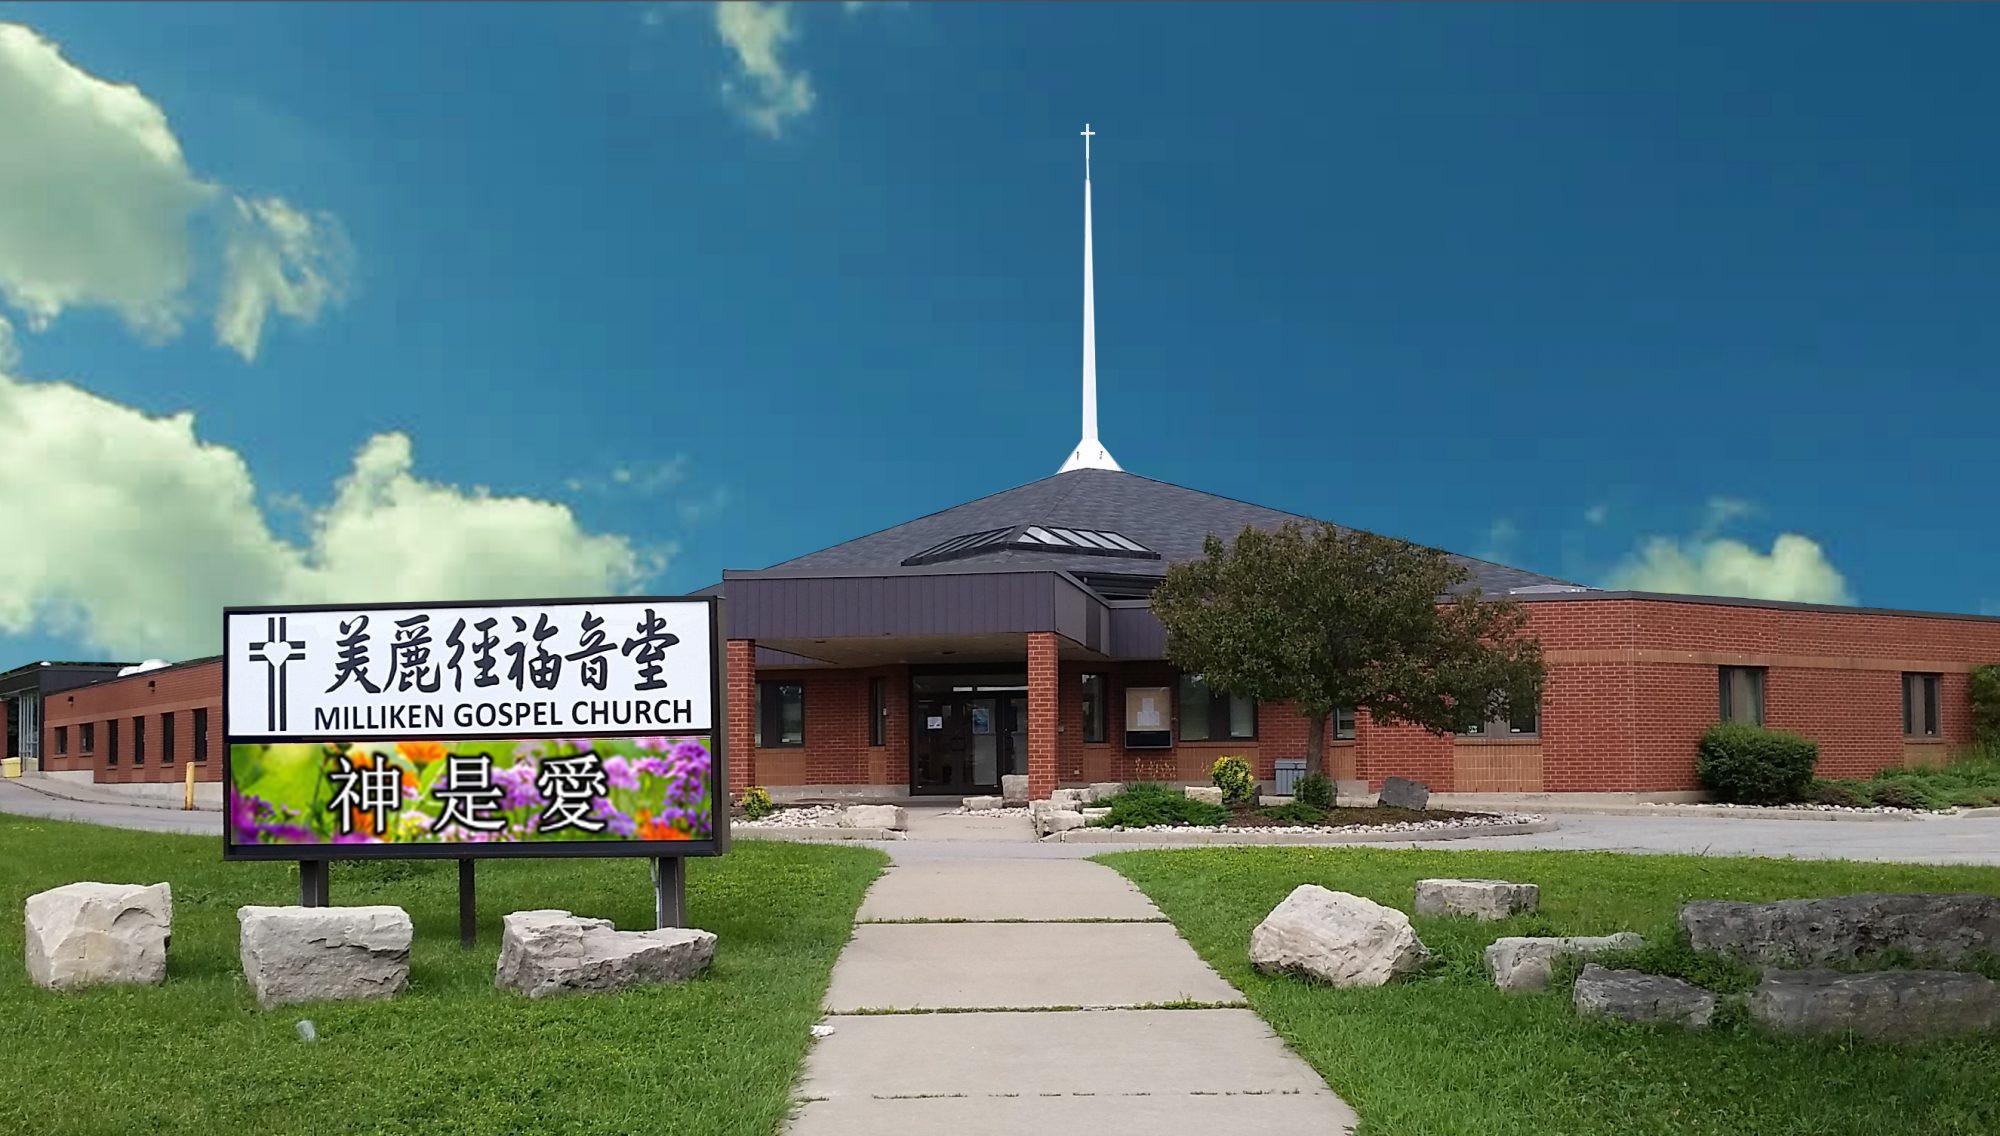 美丽径福音堂 - 普通话事工